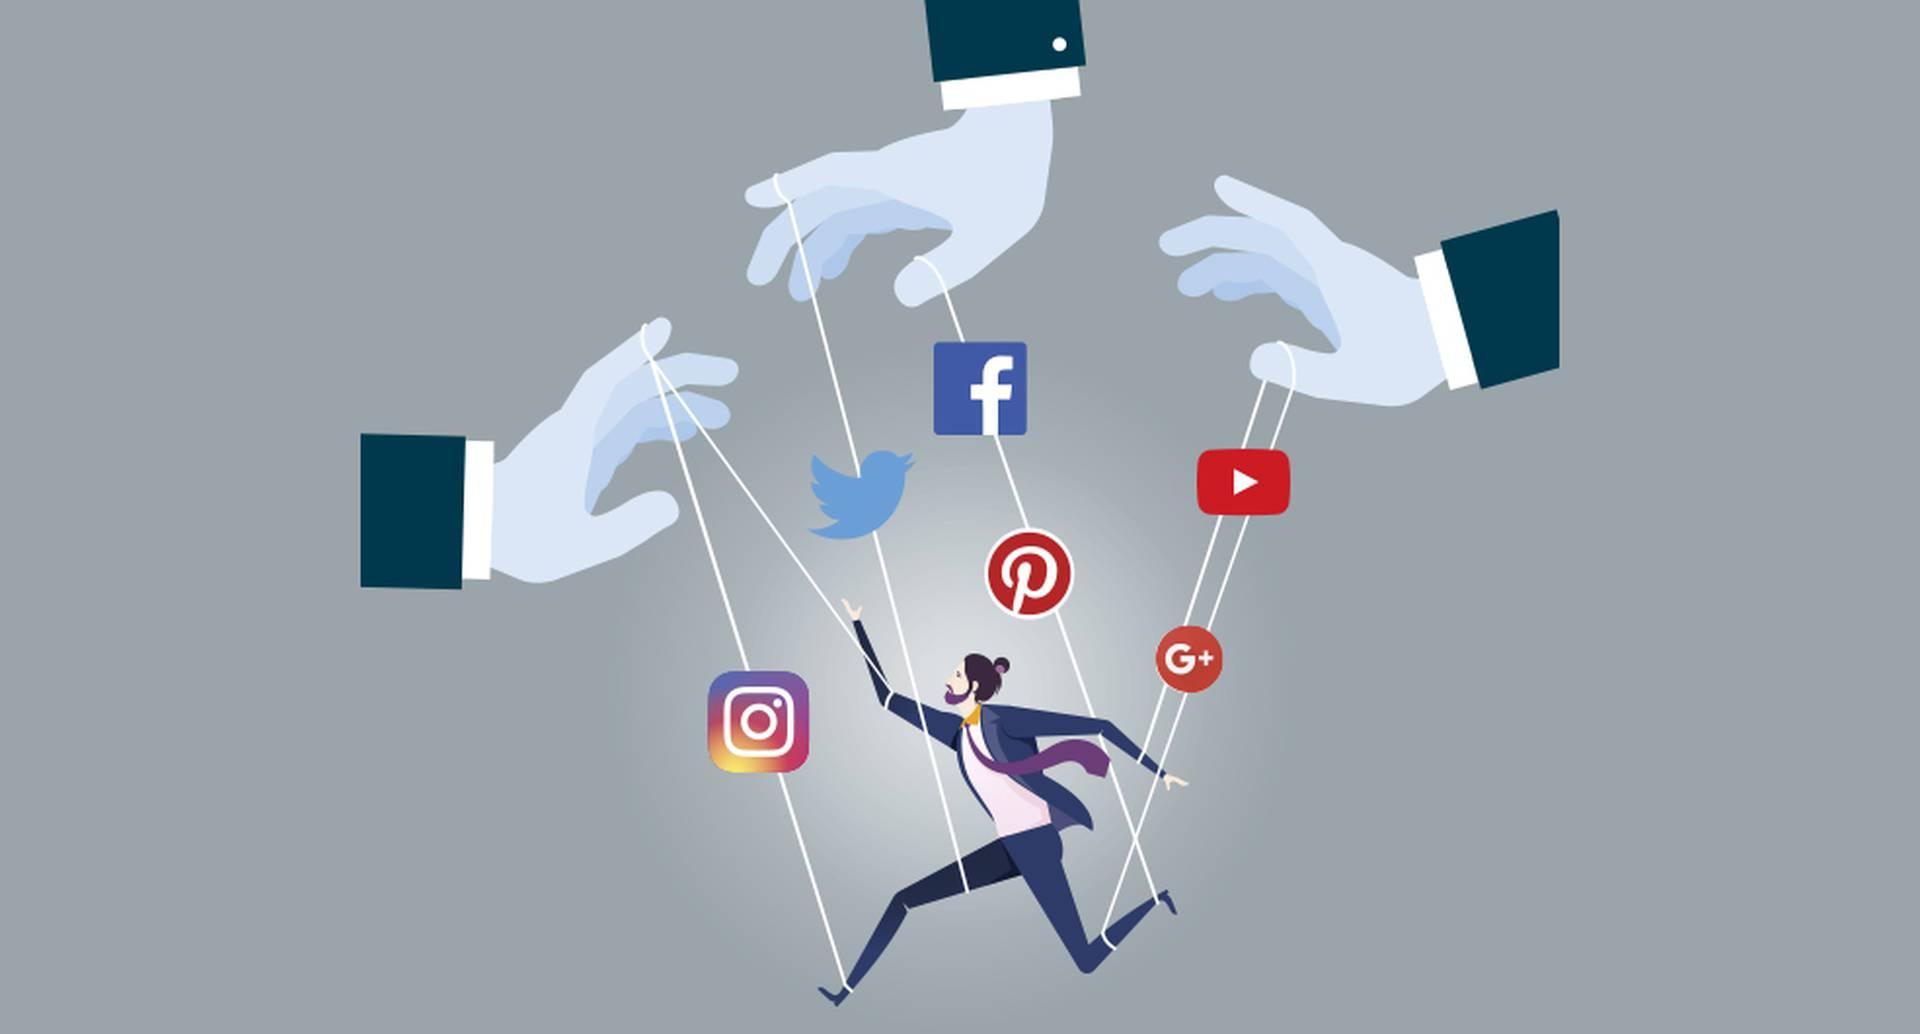 La cinta toca temas ya conocidos, como la adicción a las redes sociales o las noticias falsas.